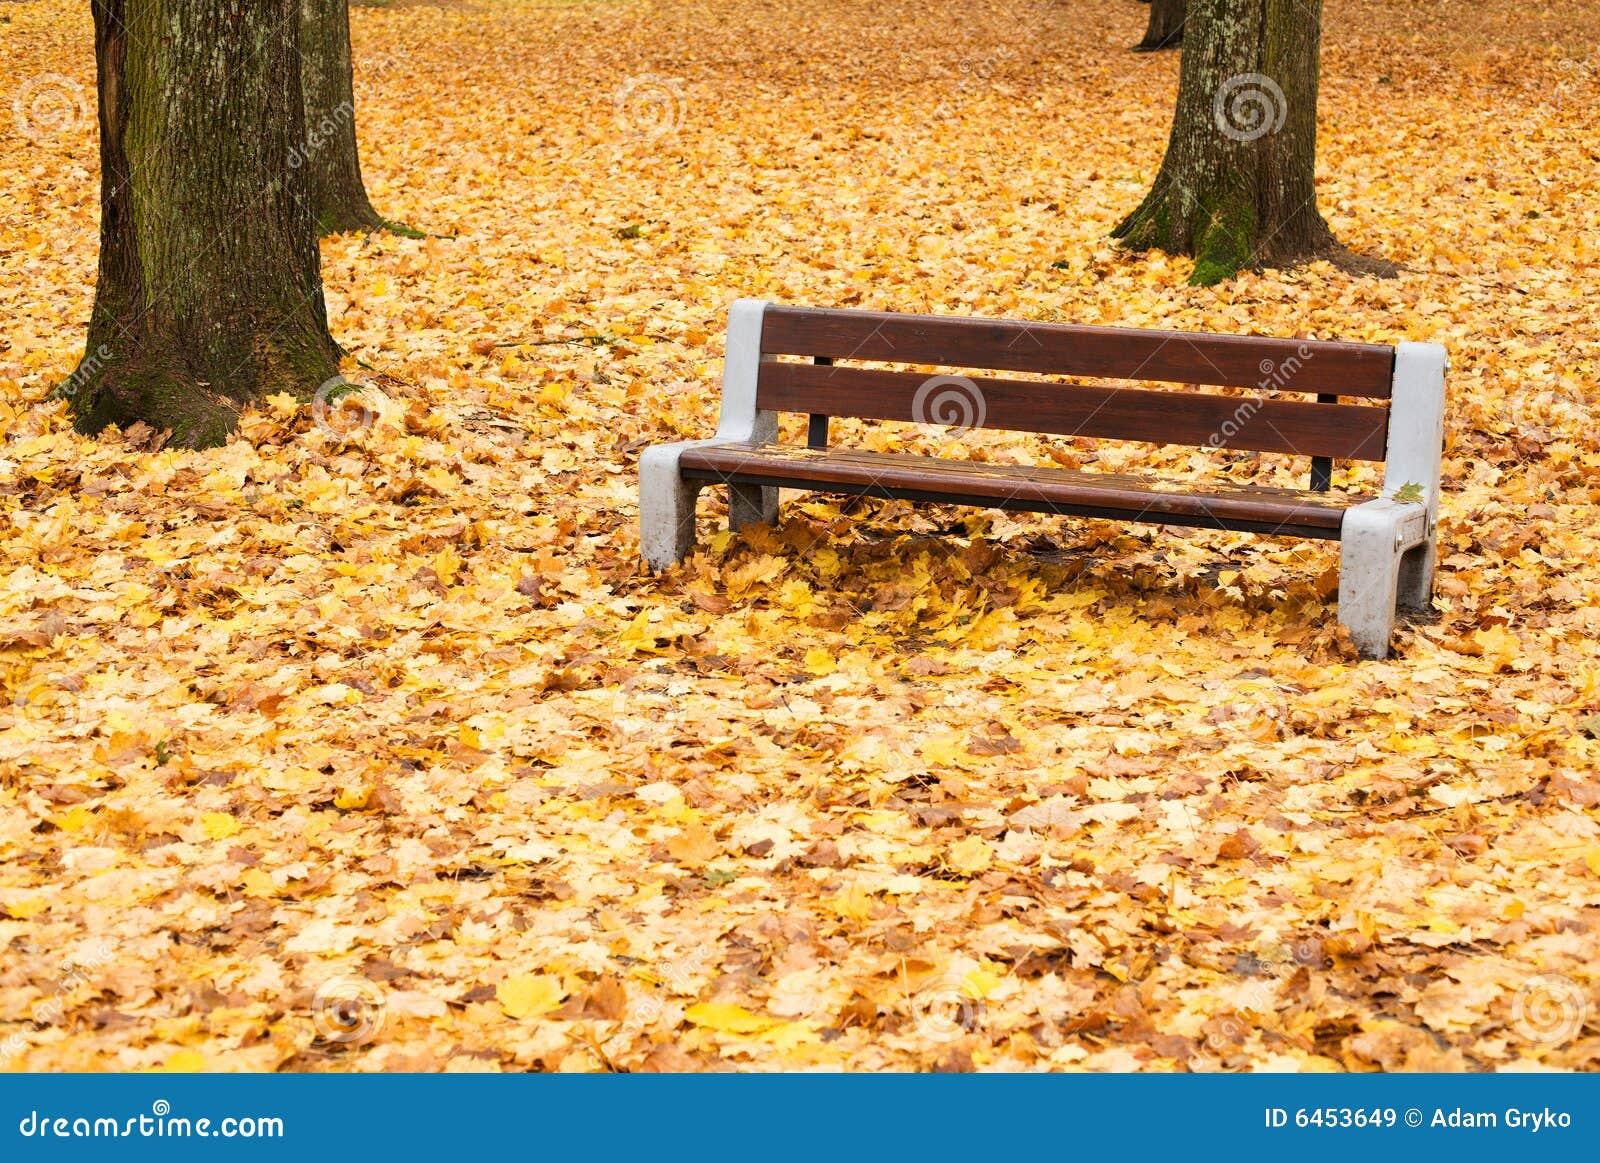 Jesienna stanowiska badawczego